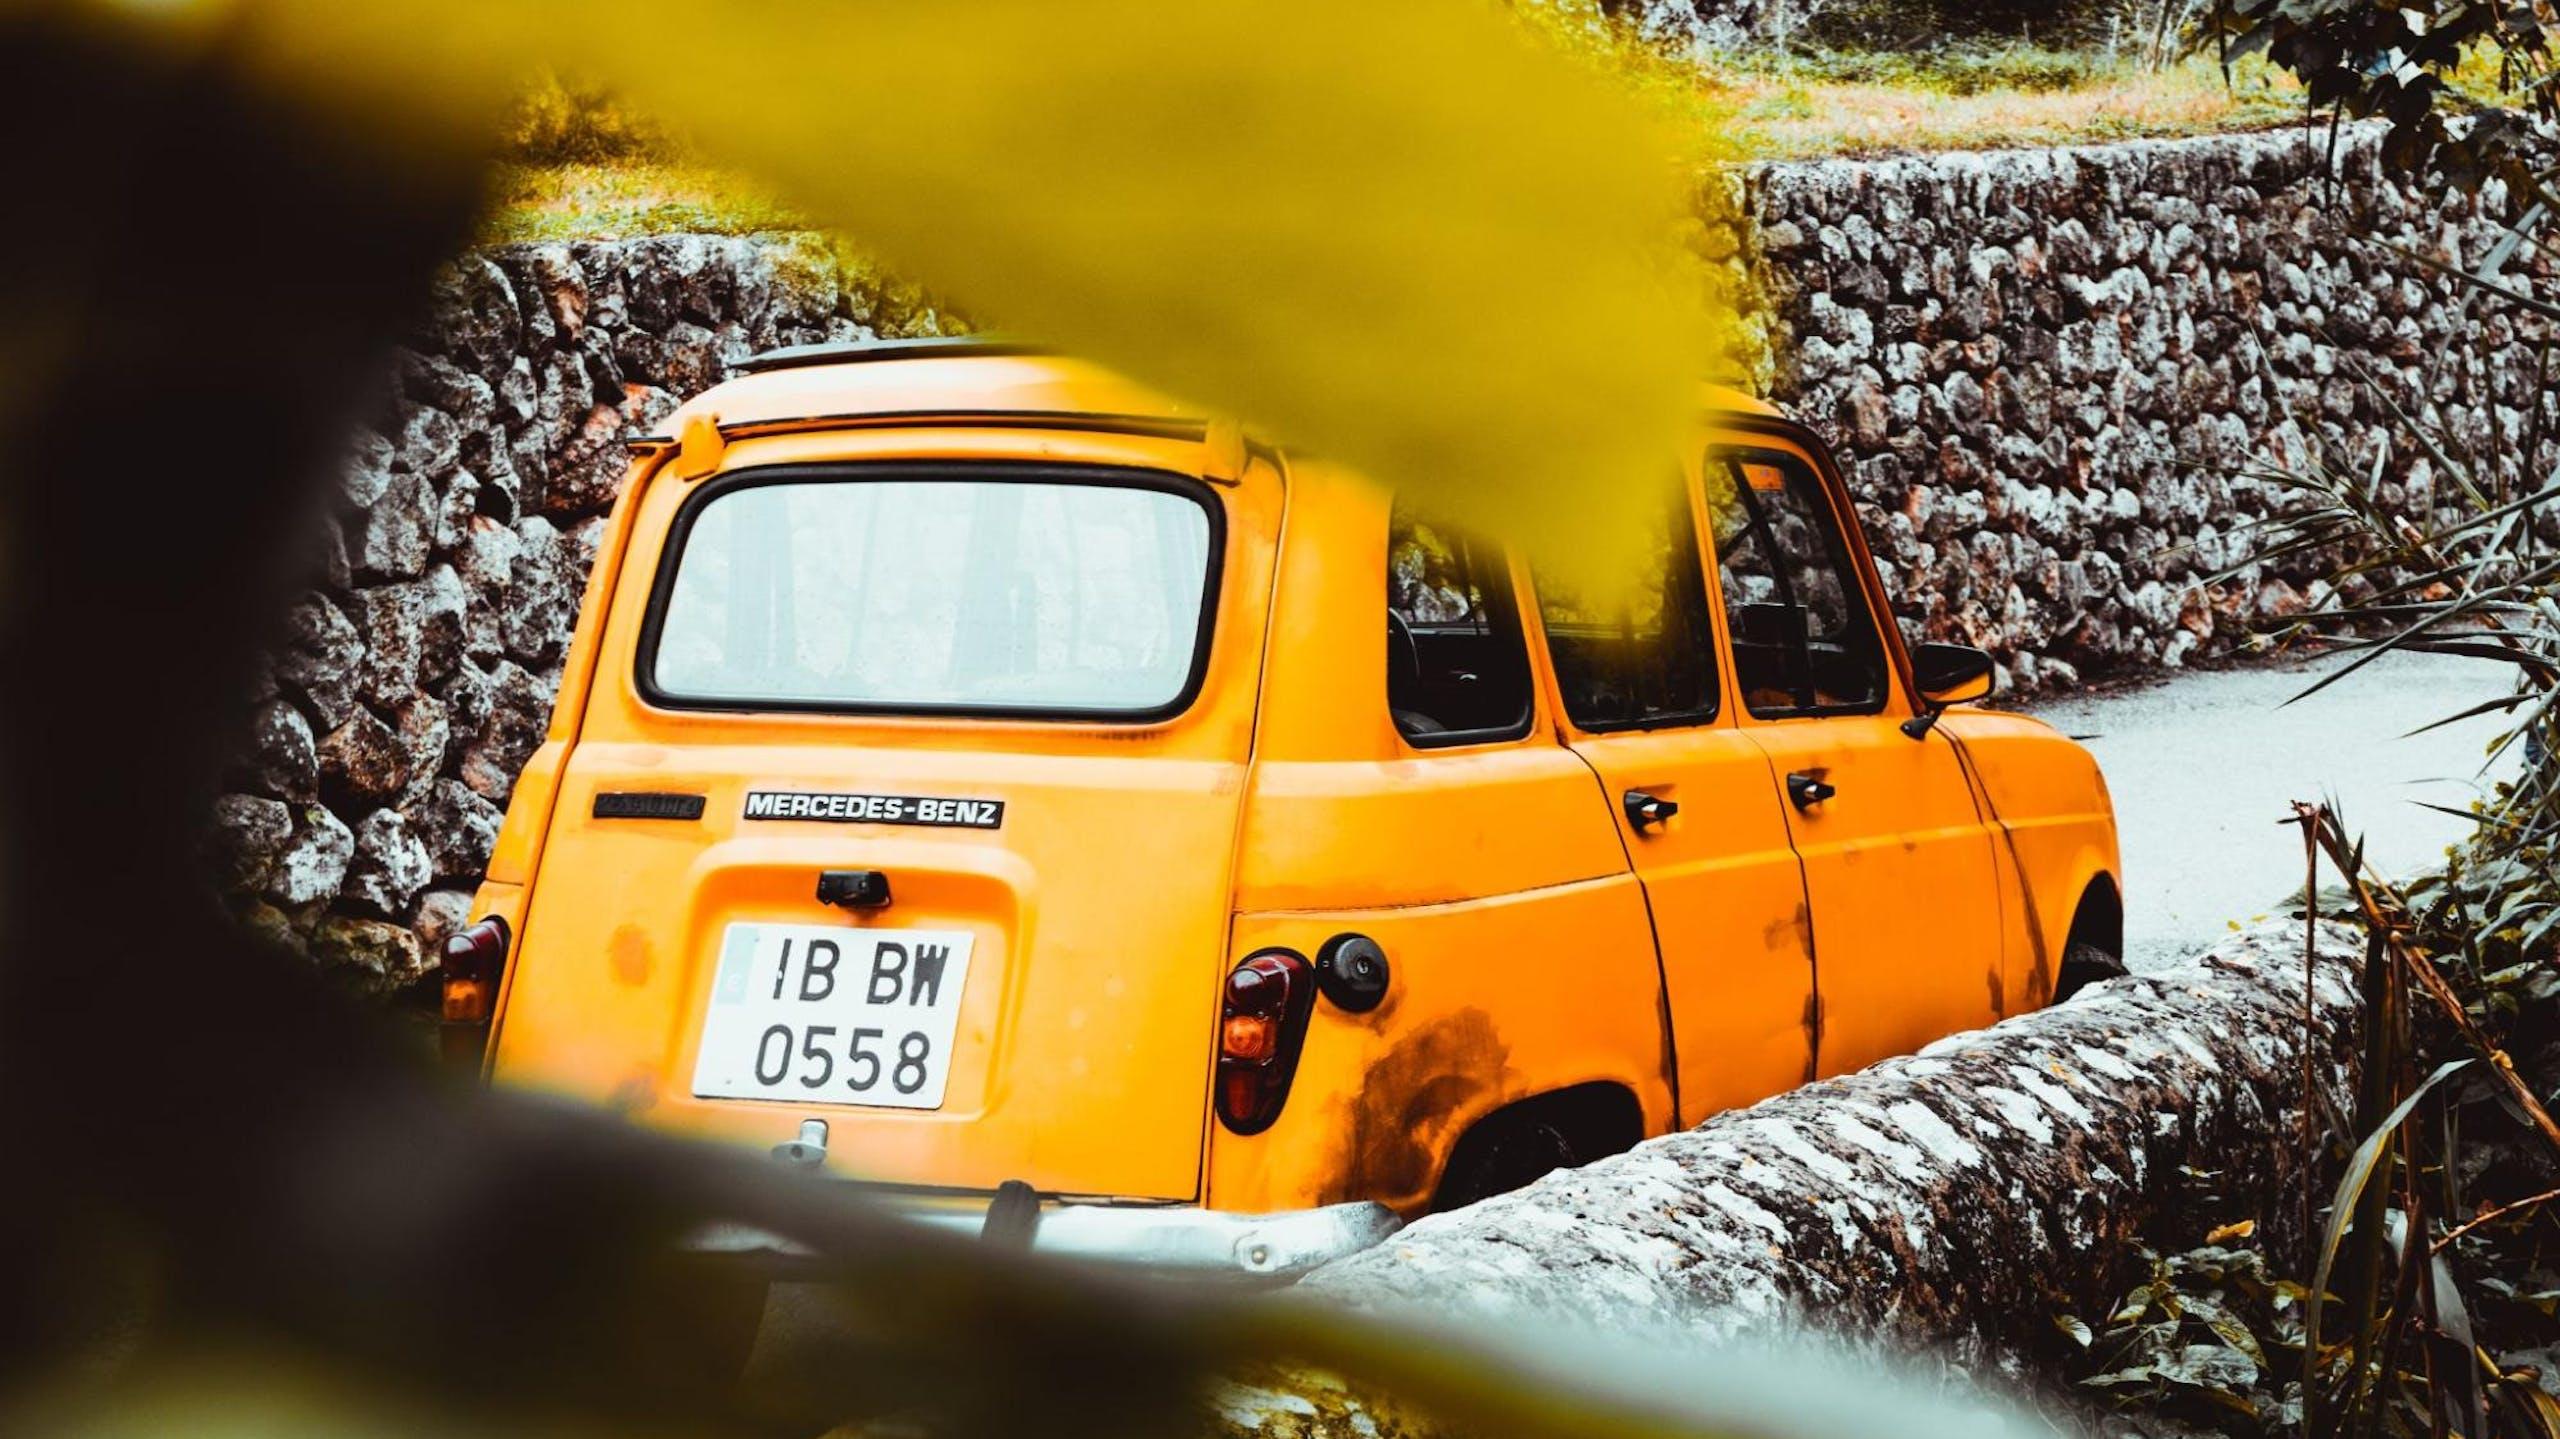 voiture vintage jaune oranger